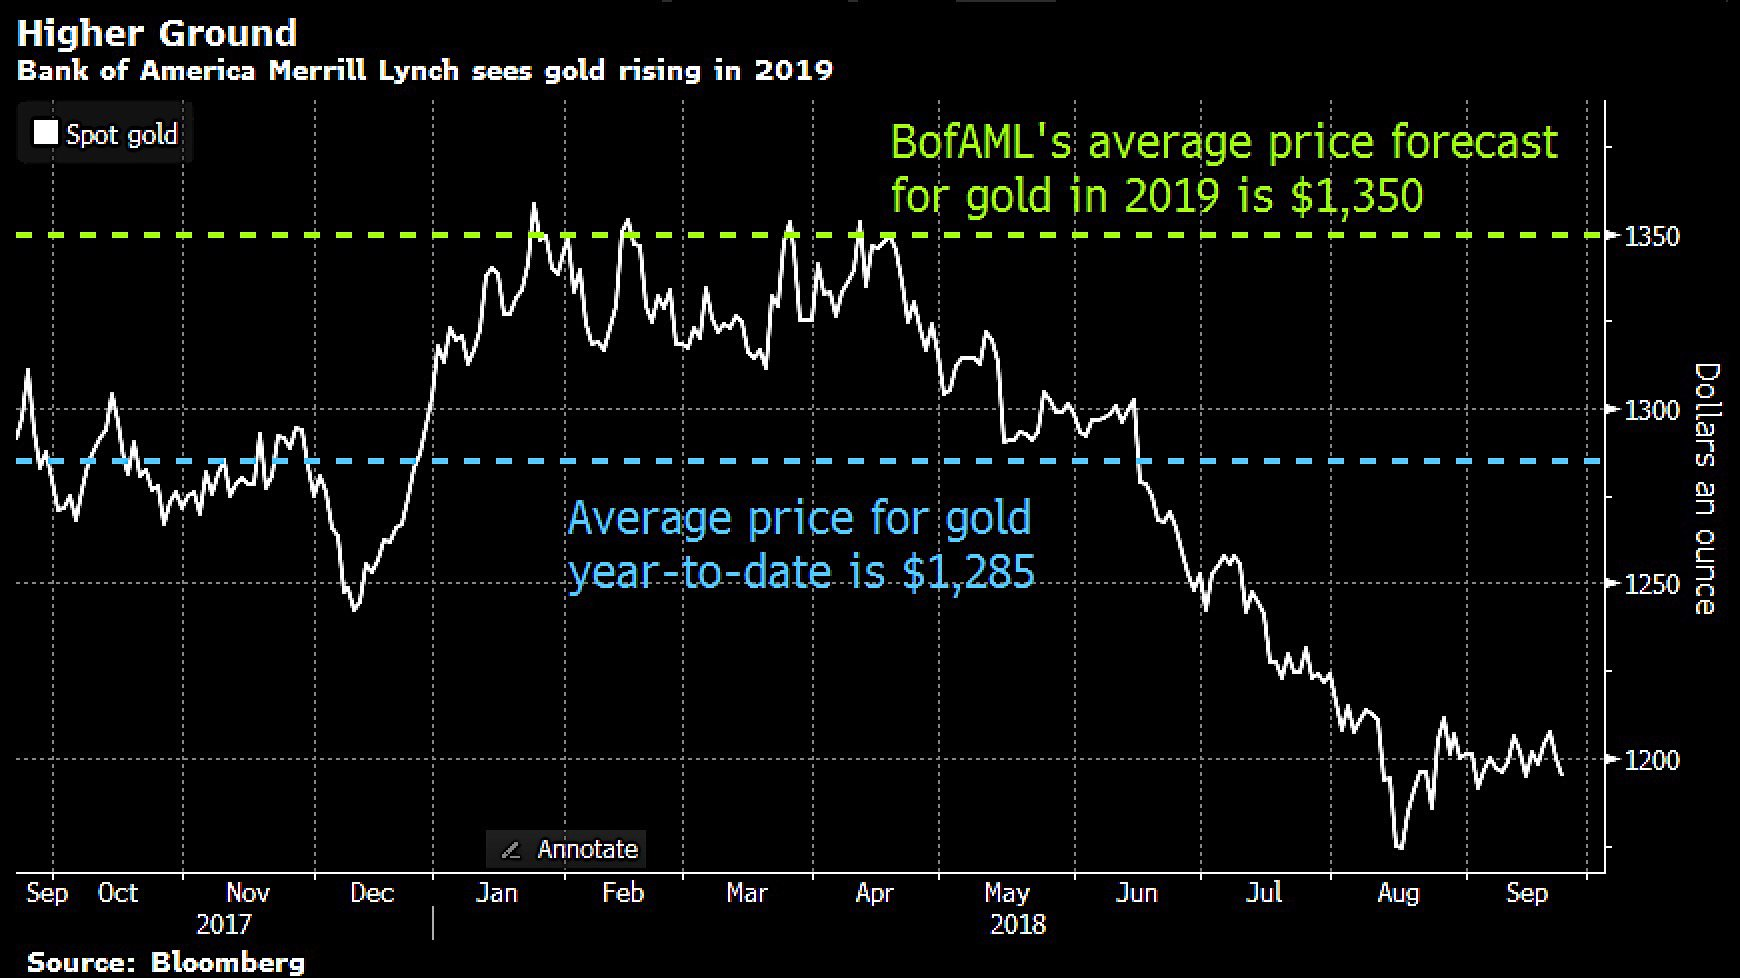 Guldpris, graf och prognos